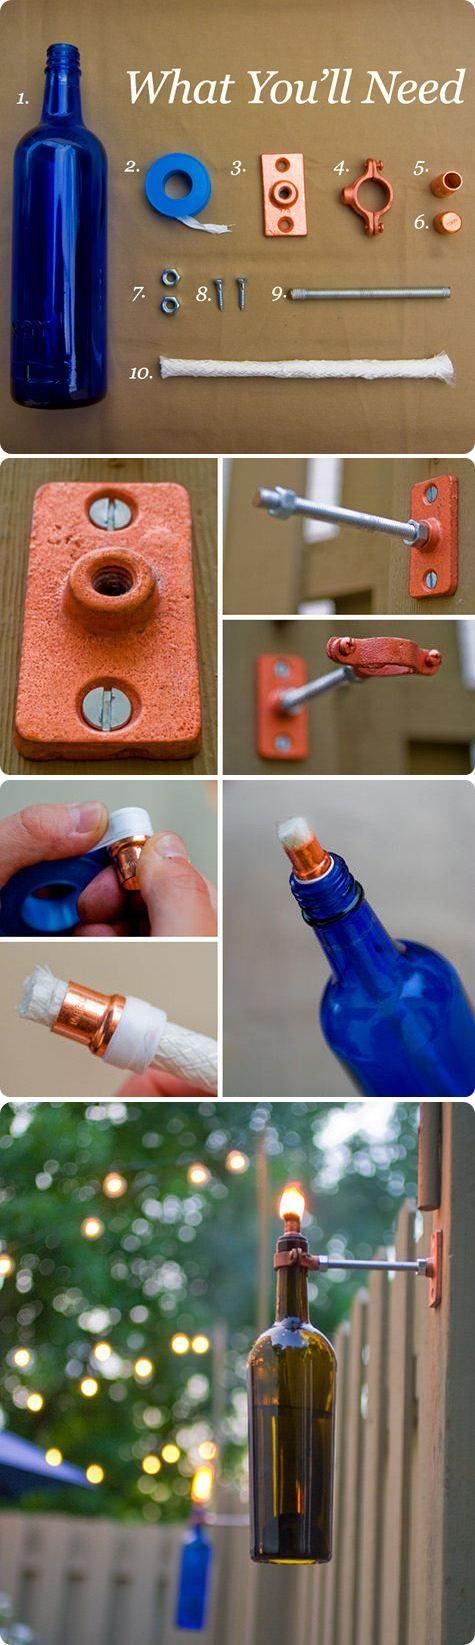 Preciosas antorchas hechas de botellas / http://www.thegardenglove.com/